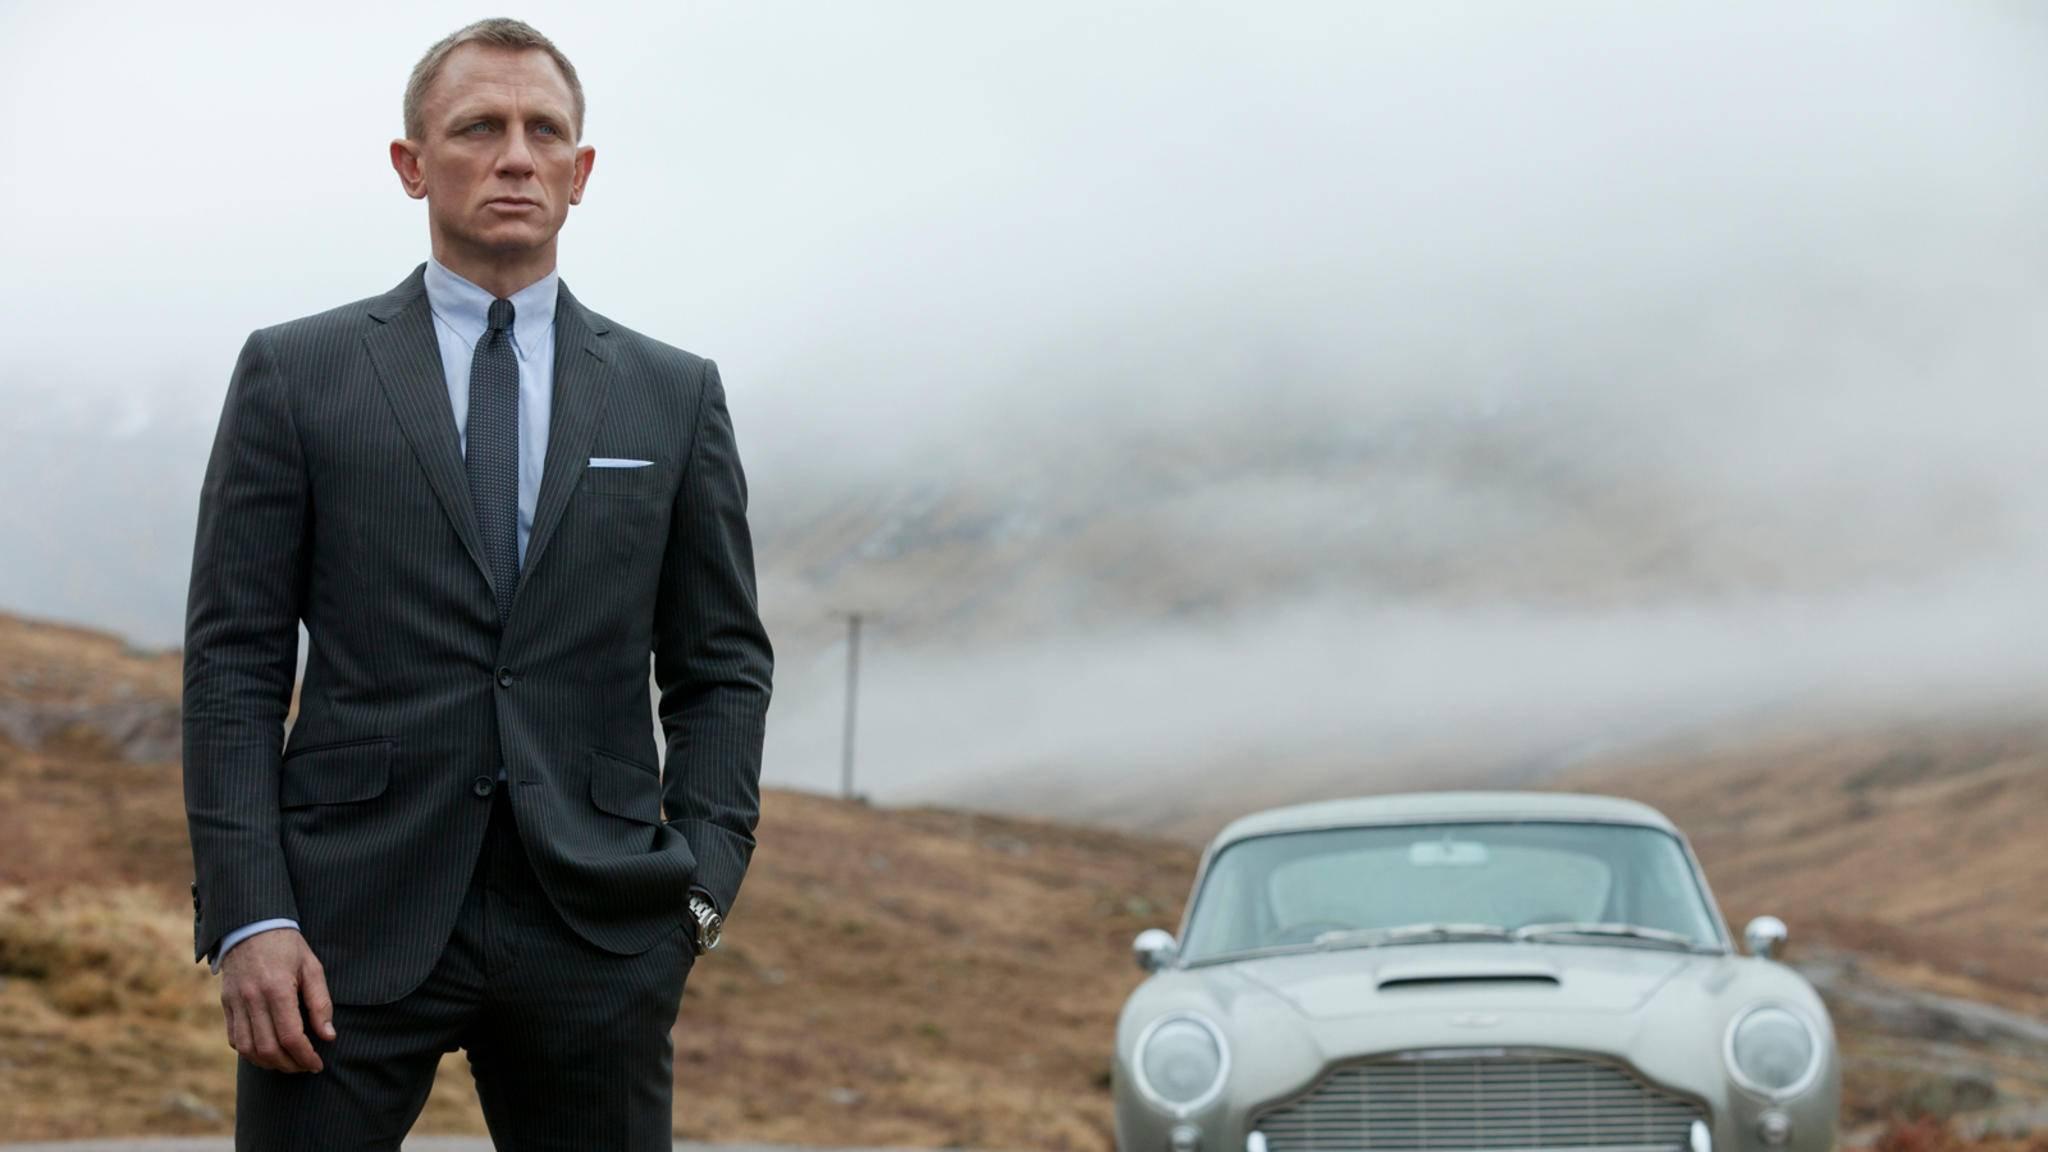 Dass Daniel Craig als James Bond seinen Martini lieber geschüttelt als gerührt trinkt, werden wir auch im 25. Teil des Franchise zu sehen bekommen.